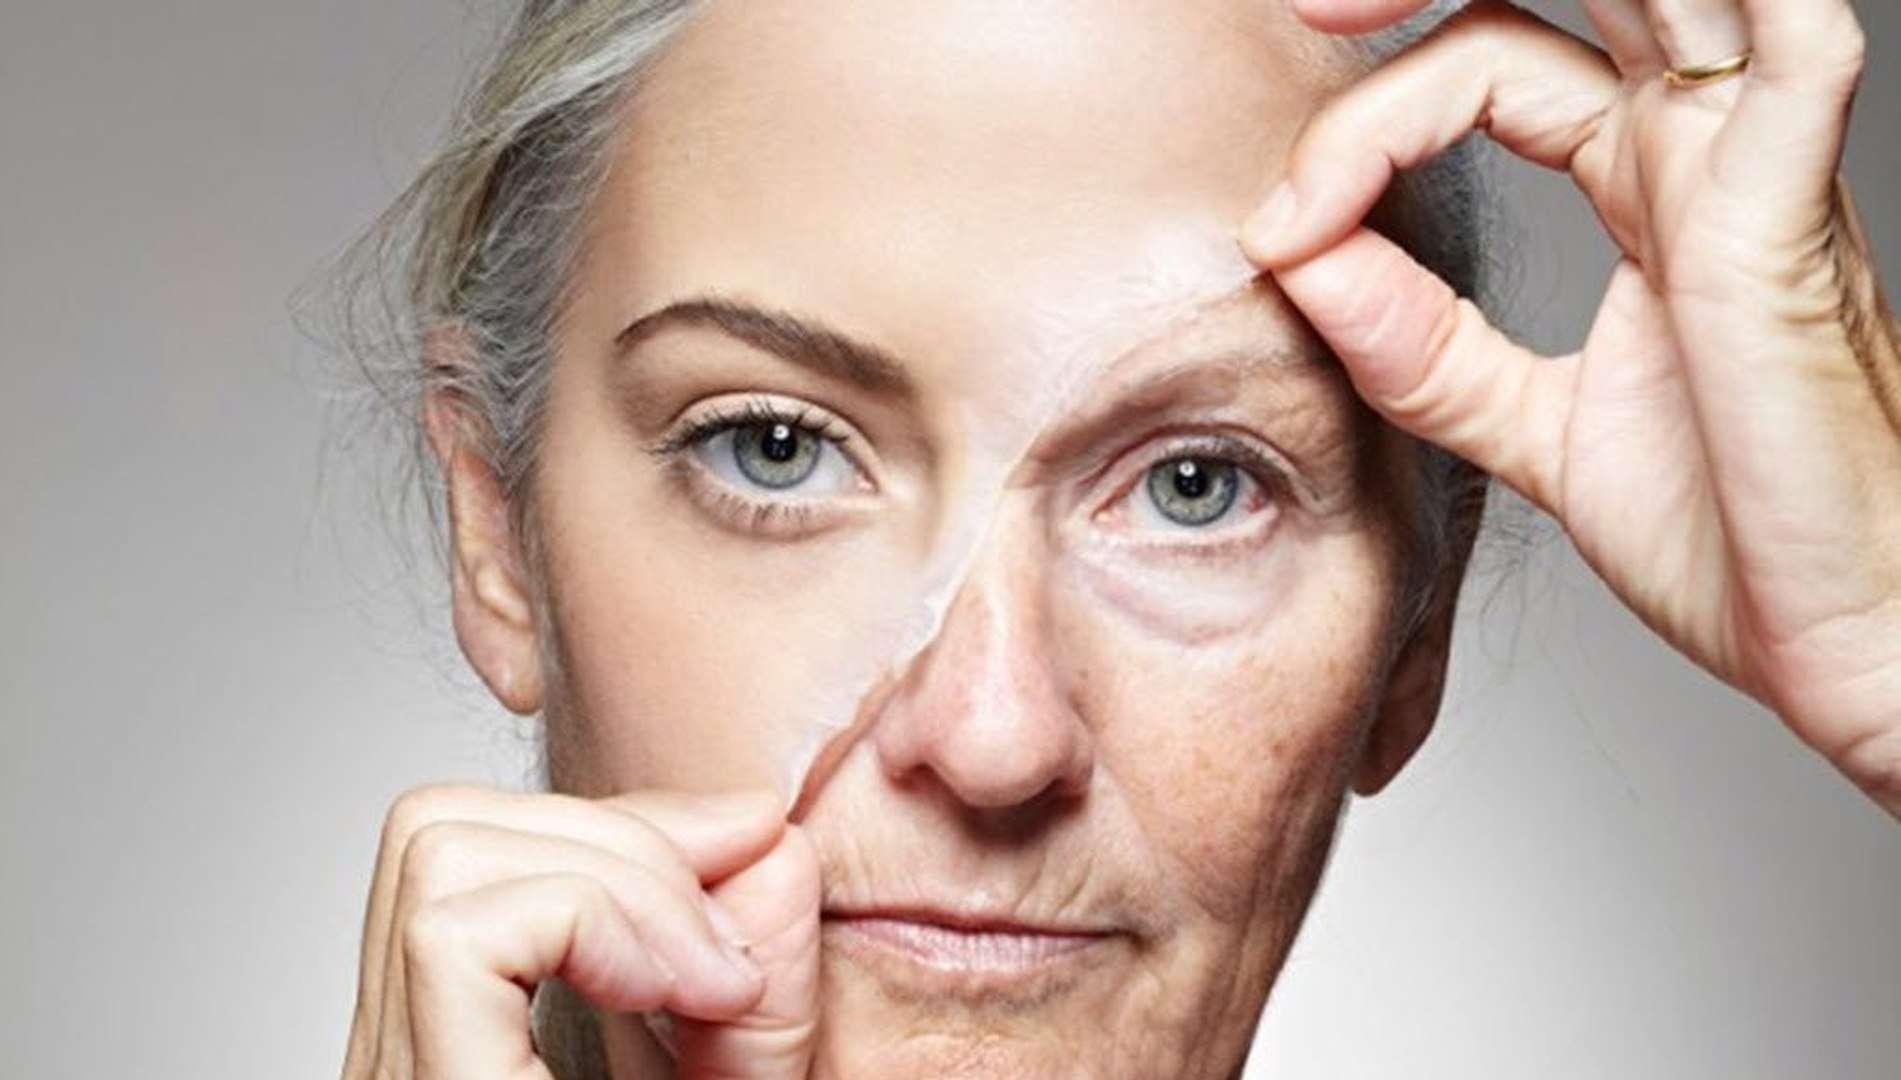 वैज्ञानिक बढ़ती उम्र को रोकने से बस एक कदम दूर